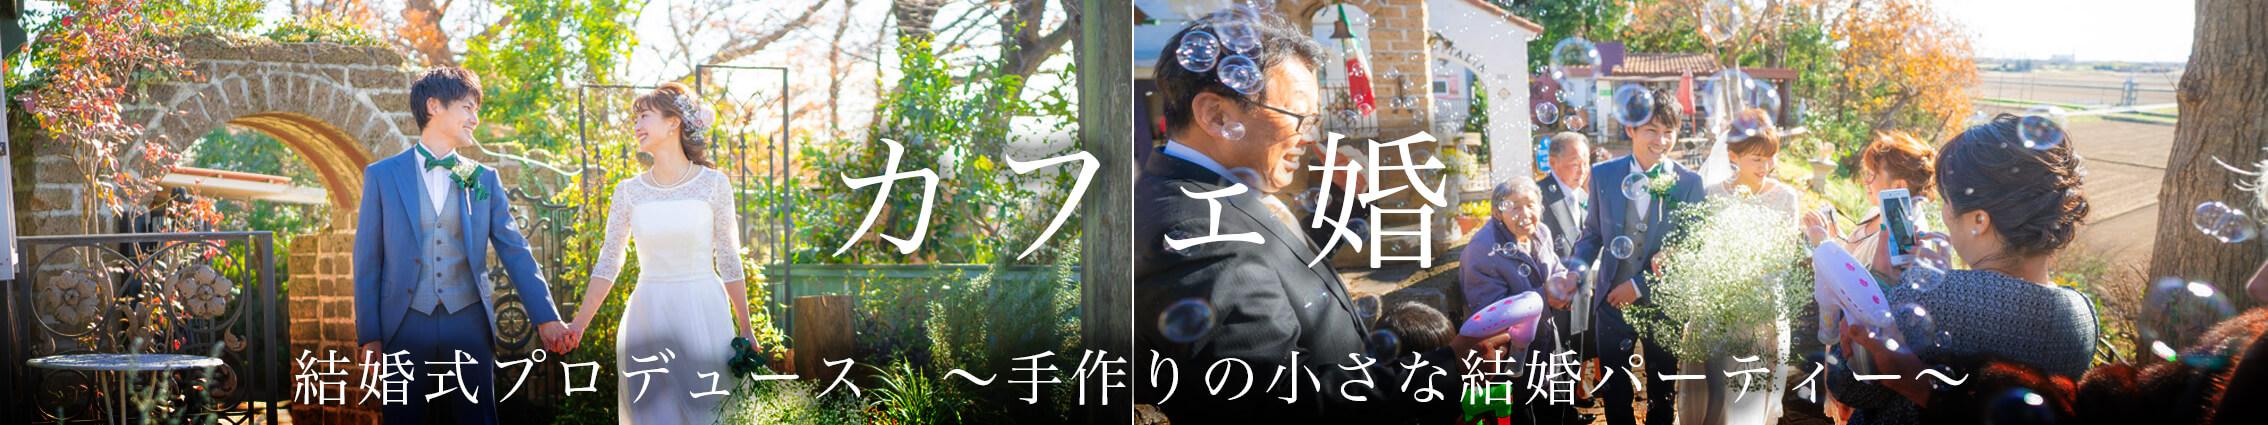 カフェ婚 結婚式プロデュース ~手作りの小さな結婚パーティー~